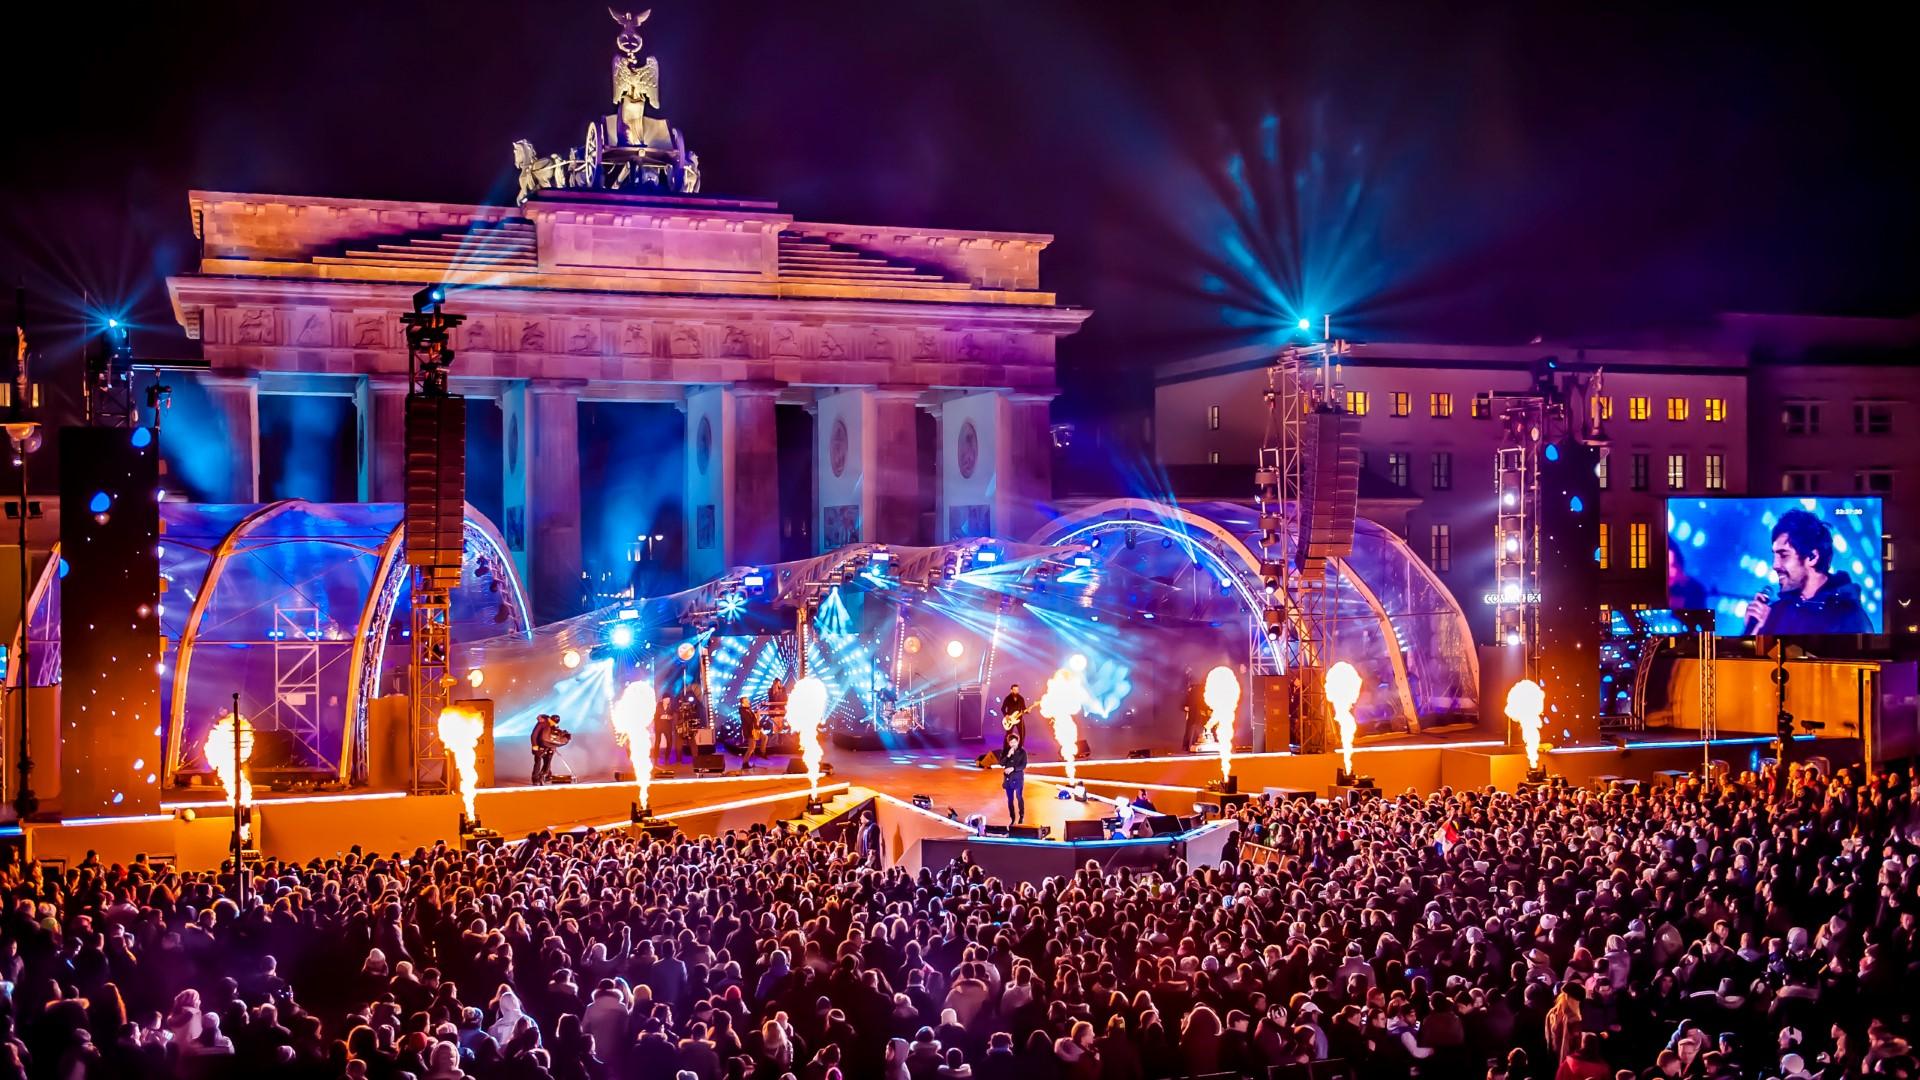 Die größte Silvesterparty Deutschlands am Brandenburger